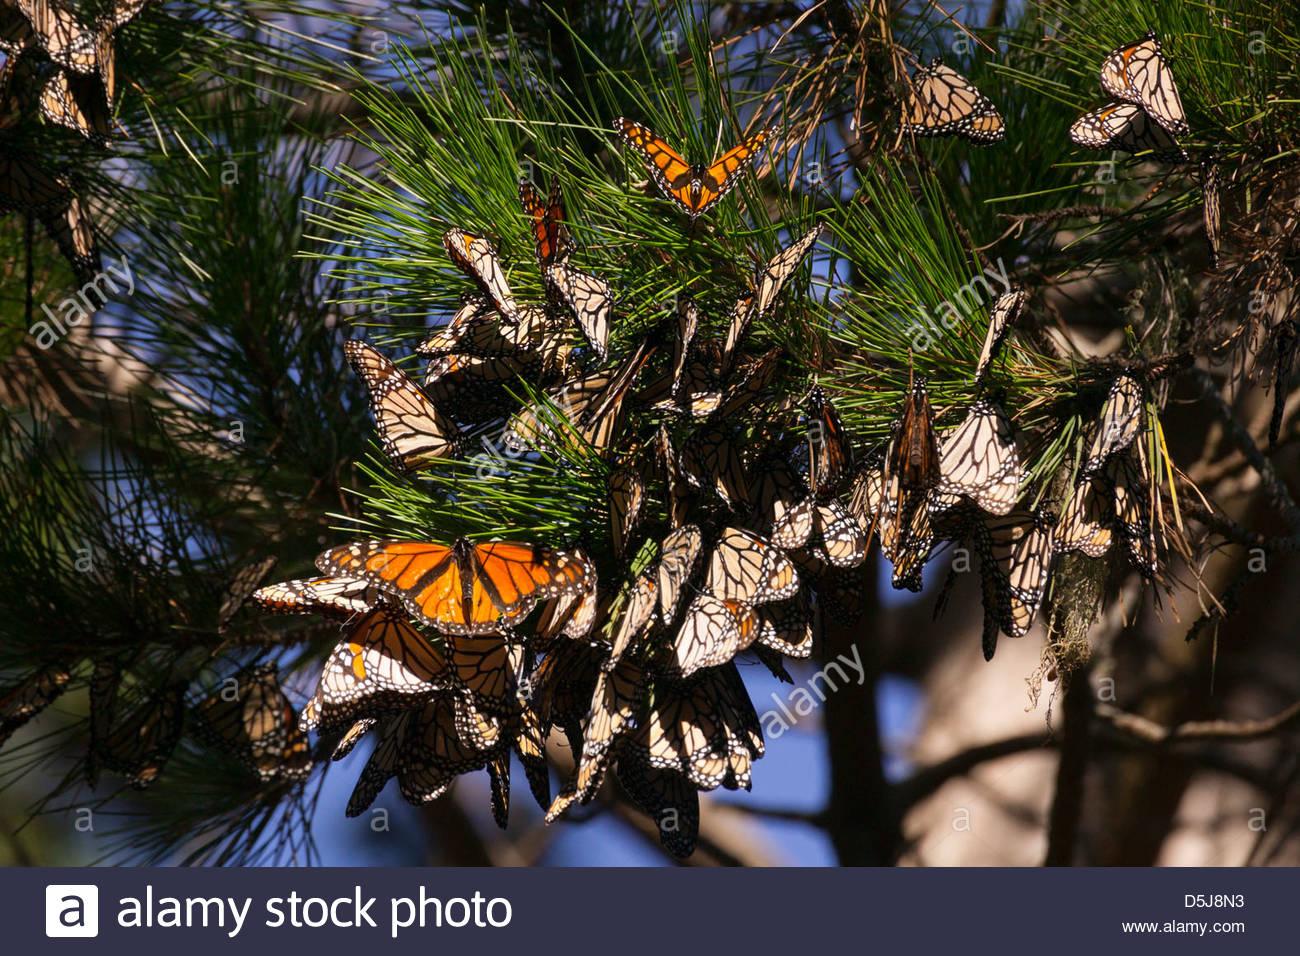 Monarchfalter (Danaus Plexippus) Cluster gemeinsam in Pacific Grove, Kalifornien. Stockbild